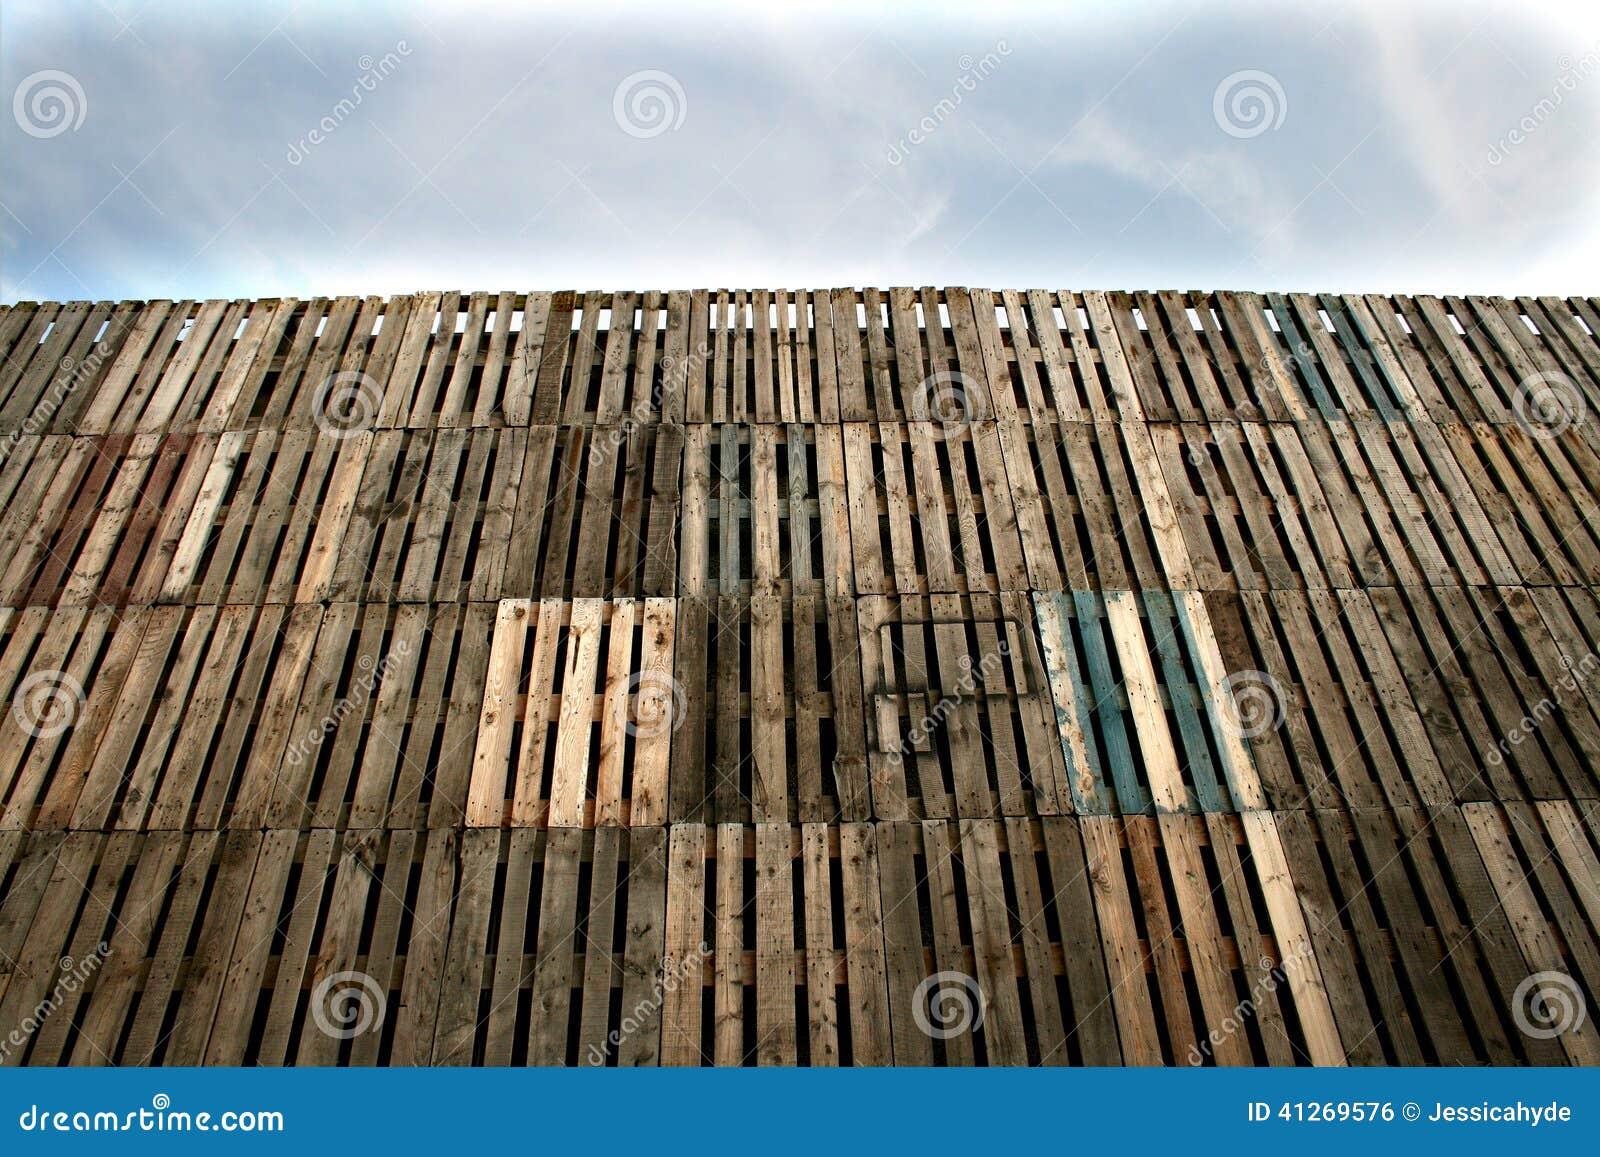 Mur en bois de palettes photo stock image 41269576 - Recuperer des palettes en bois ...